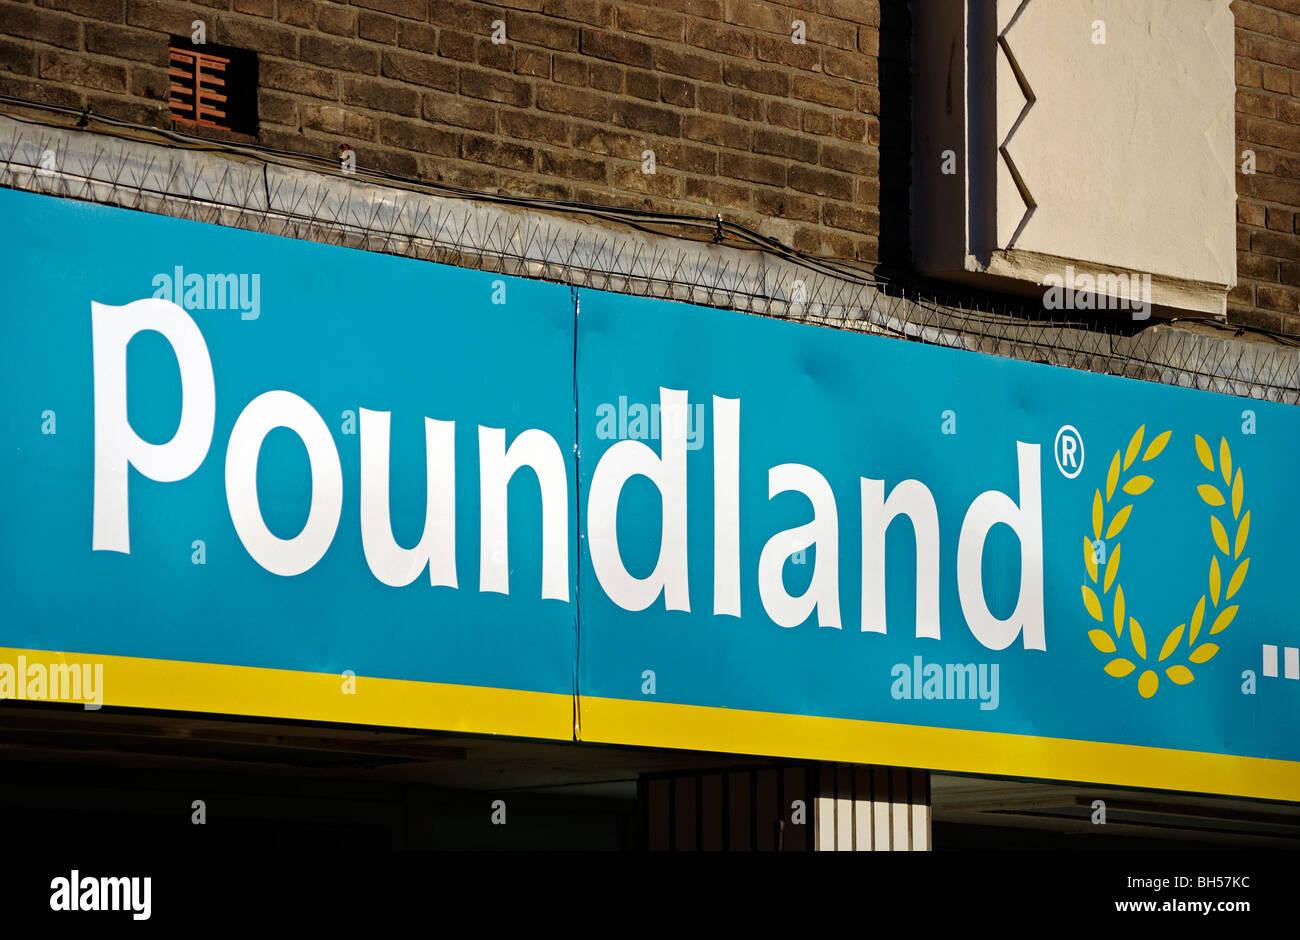 poundland discount store sign, uk - Stock Image